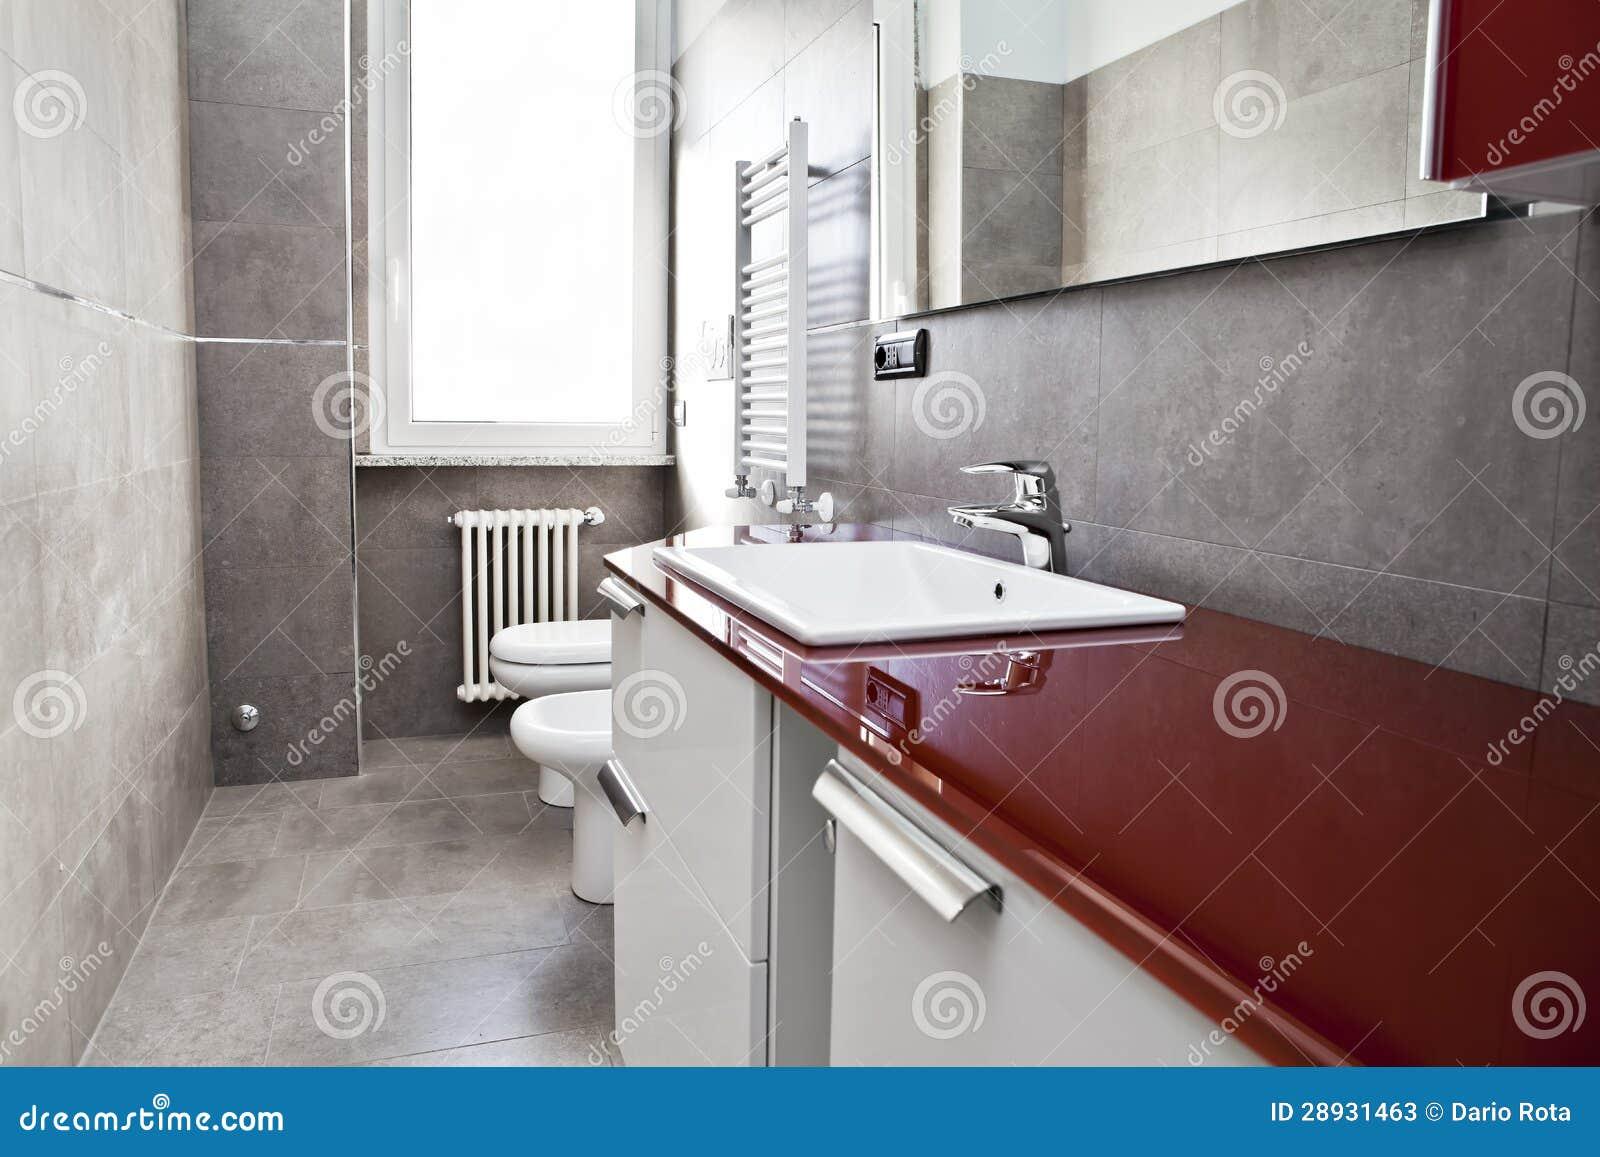 Czerwona łazienka Zdjęcia Stock - Obraz: 28931463